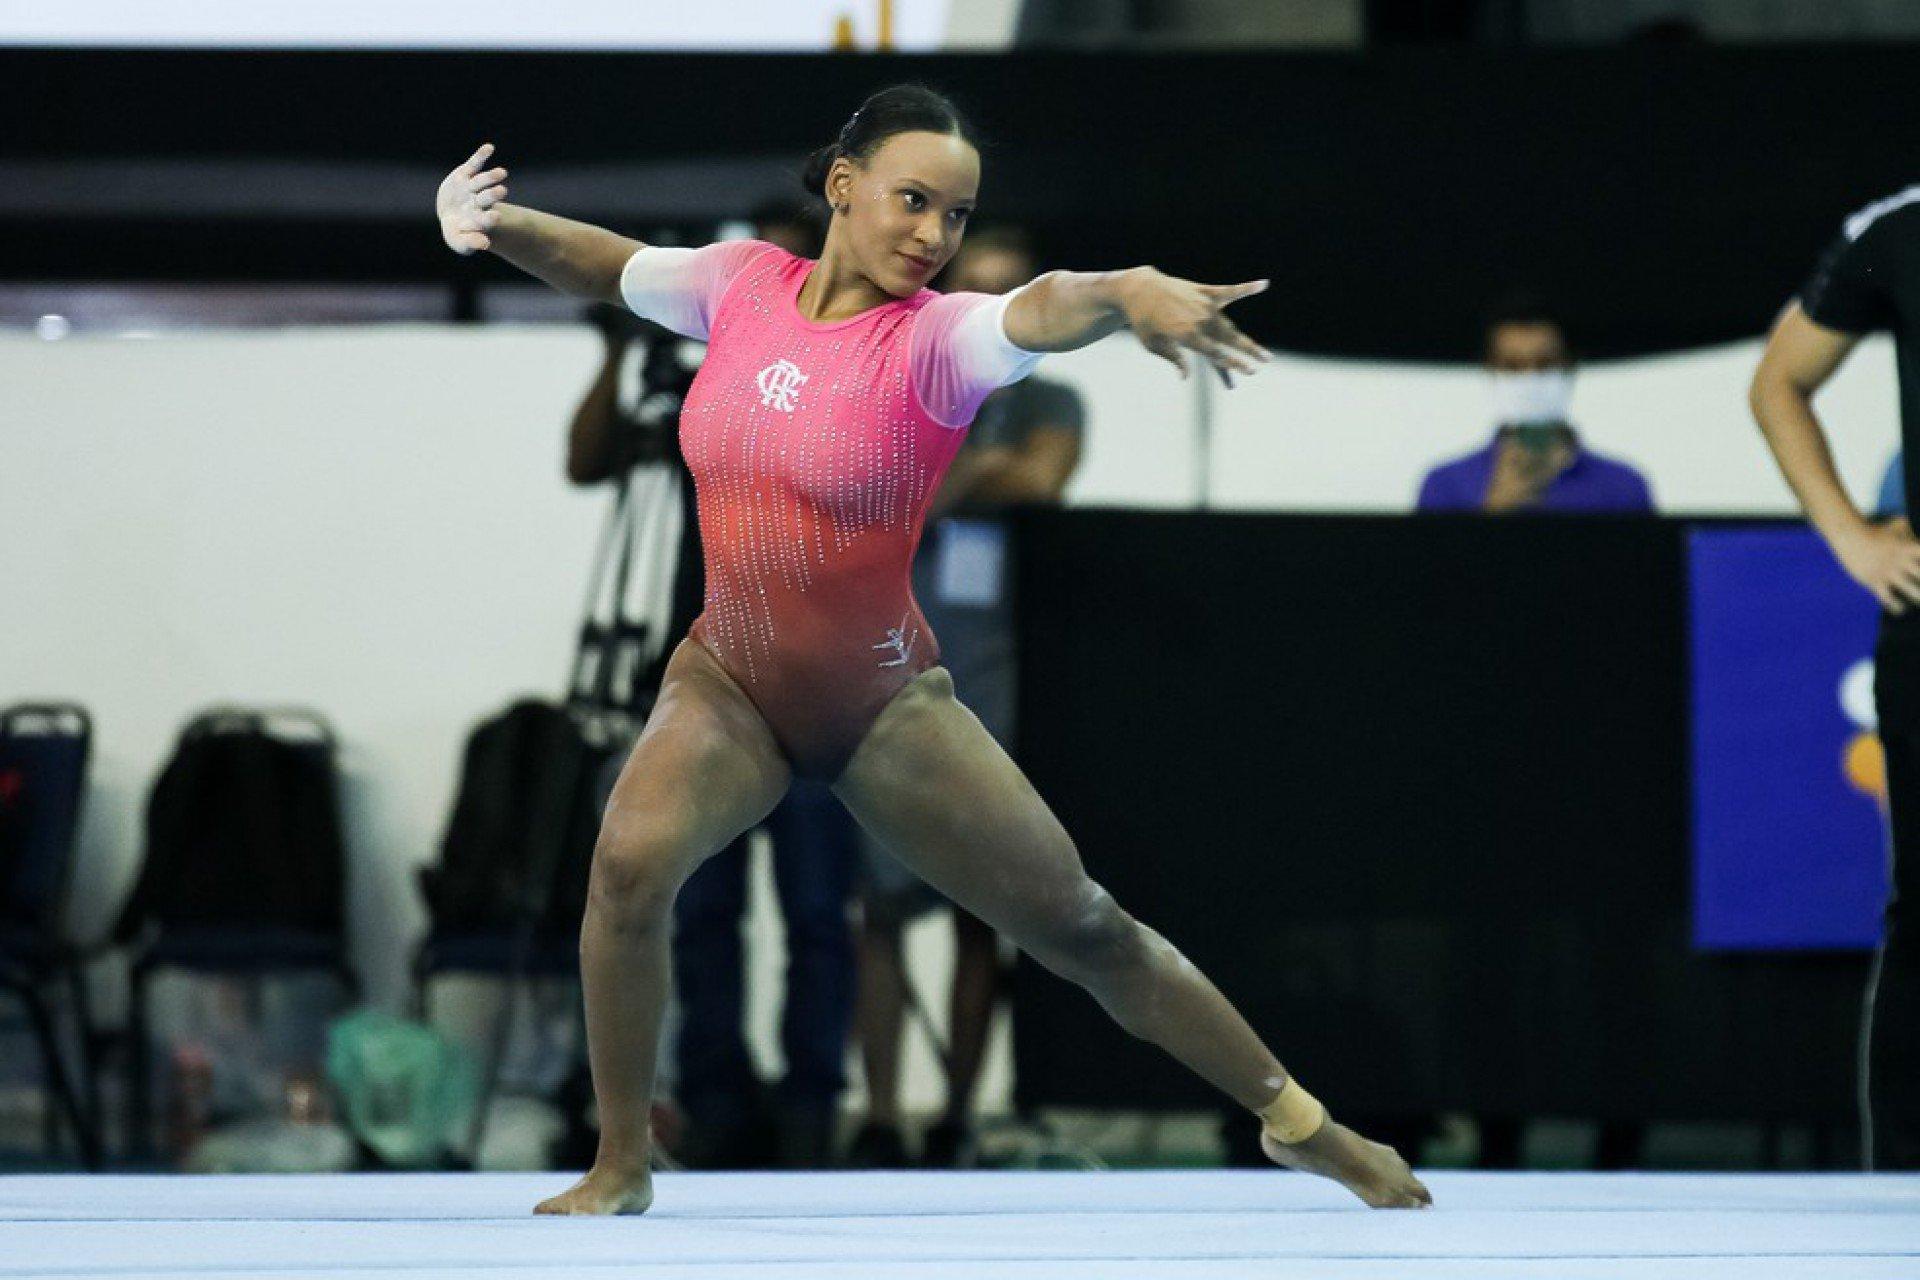 Campeão olímpica, Rebeca Andrade brilha no Brasileiro de Ginástica e leva mais dois ouros